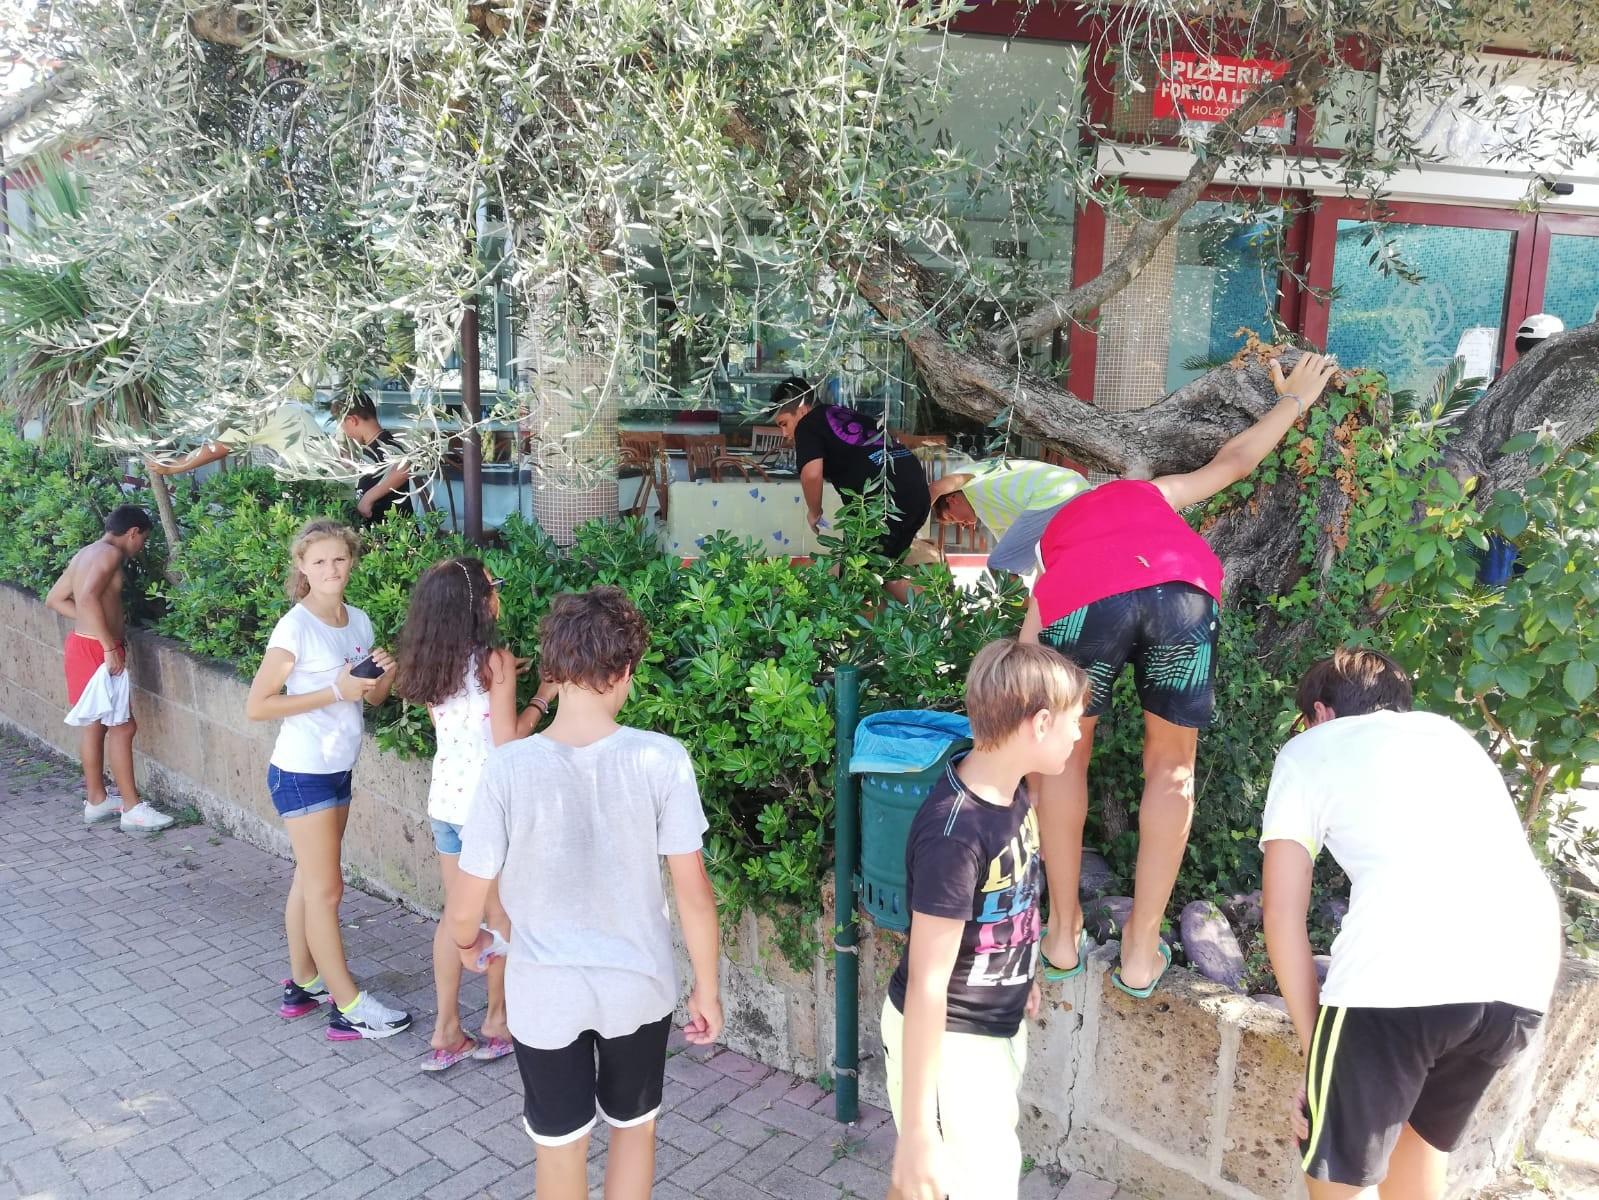 Europe Garden 4**** // Un mare di sport Junior Archivi --ITALIA-FOTO-EUROPEGARDEN-UNMAREDISPORT-SECONDOTURNO-GIORNO145